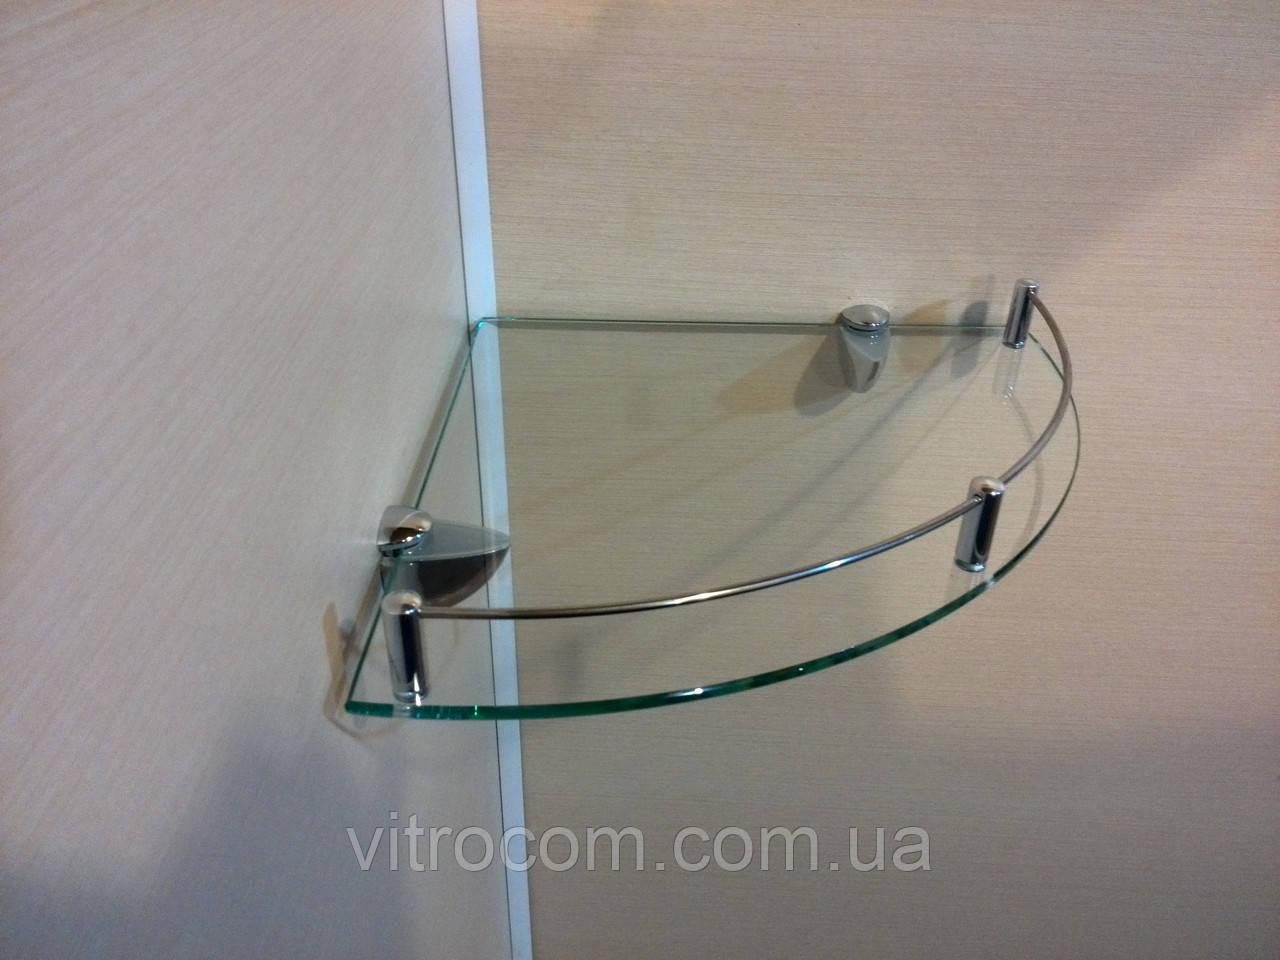 Полка с бортиком стеклянная угловая 5 мм прозрачная 25 х 25 см